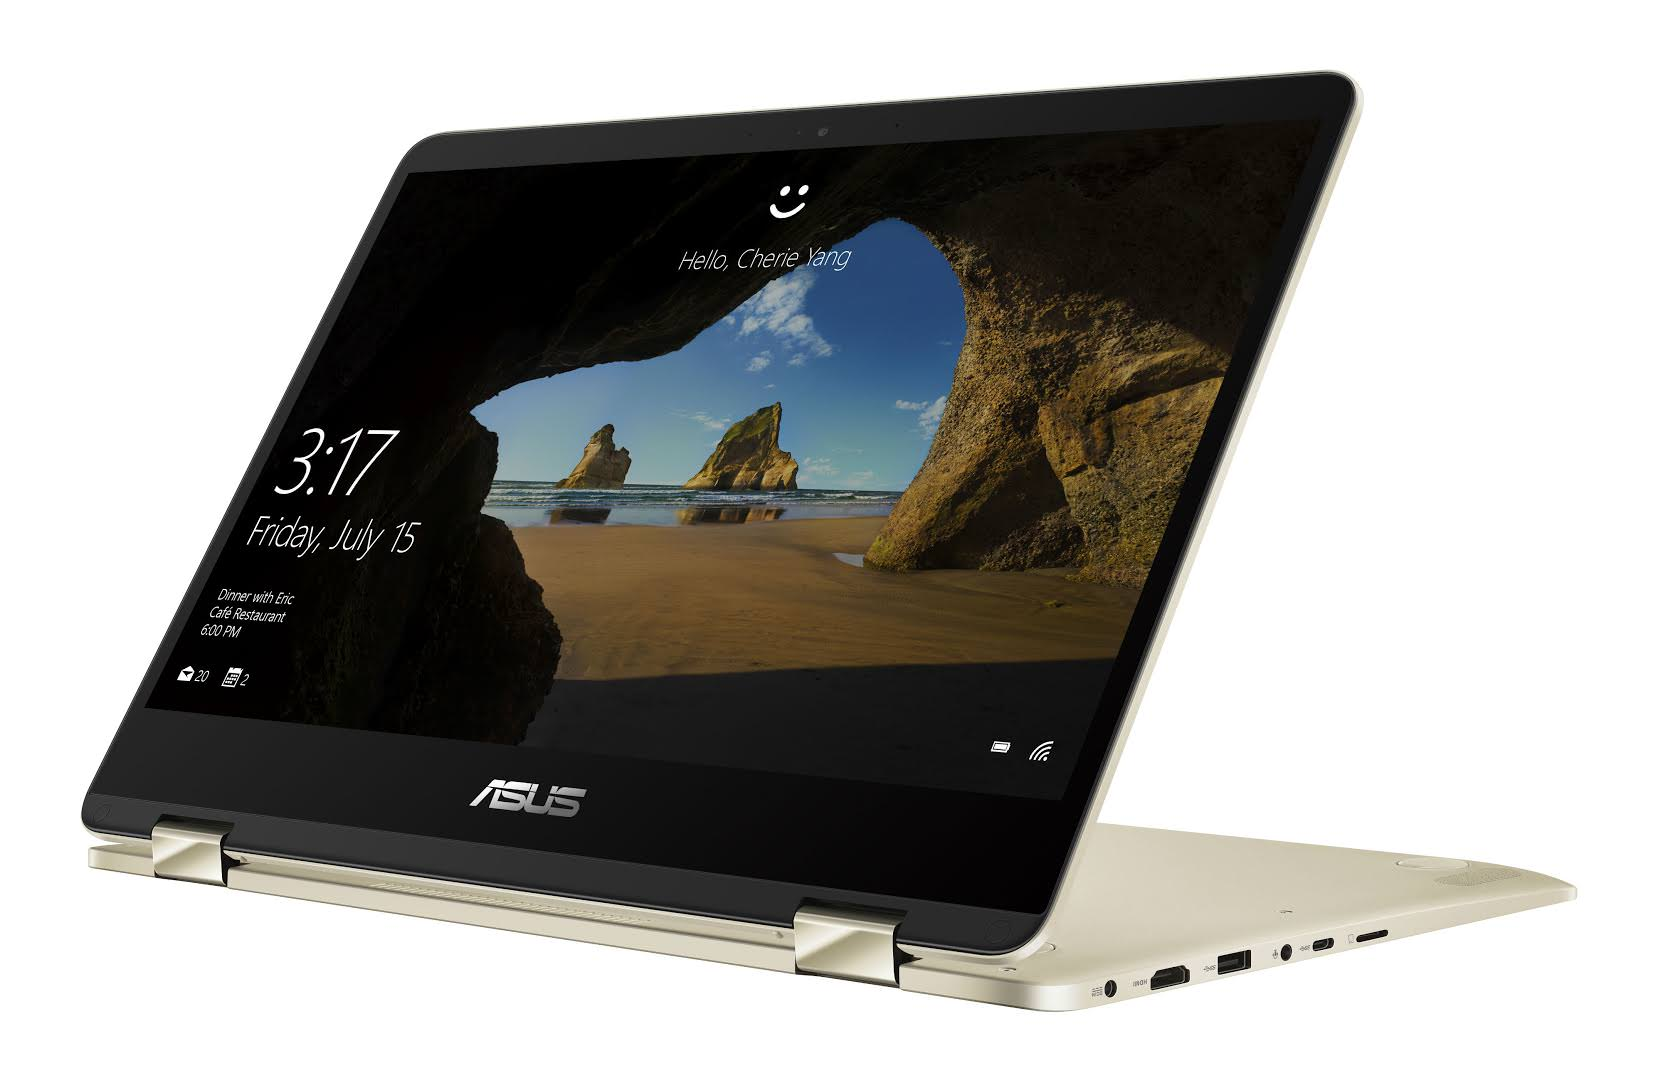 華碩窄框超薄獨顯翻轉筆電 ZenBook Flip 14 在台推出,僅 1.39 公分厚並支援 ASUS Pen